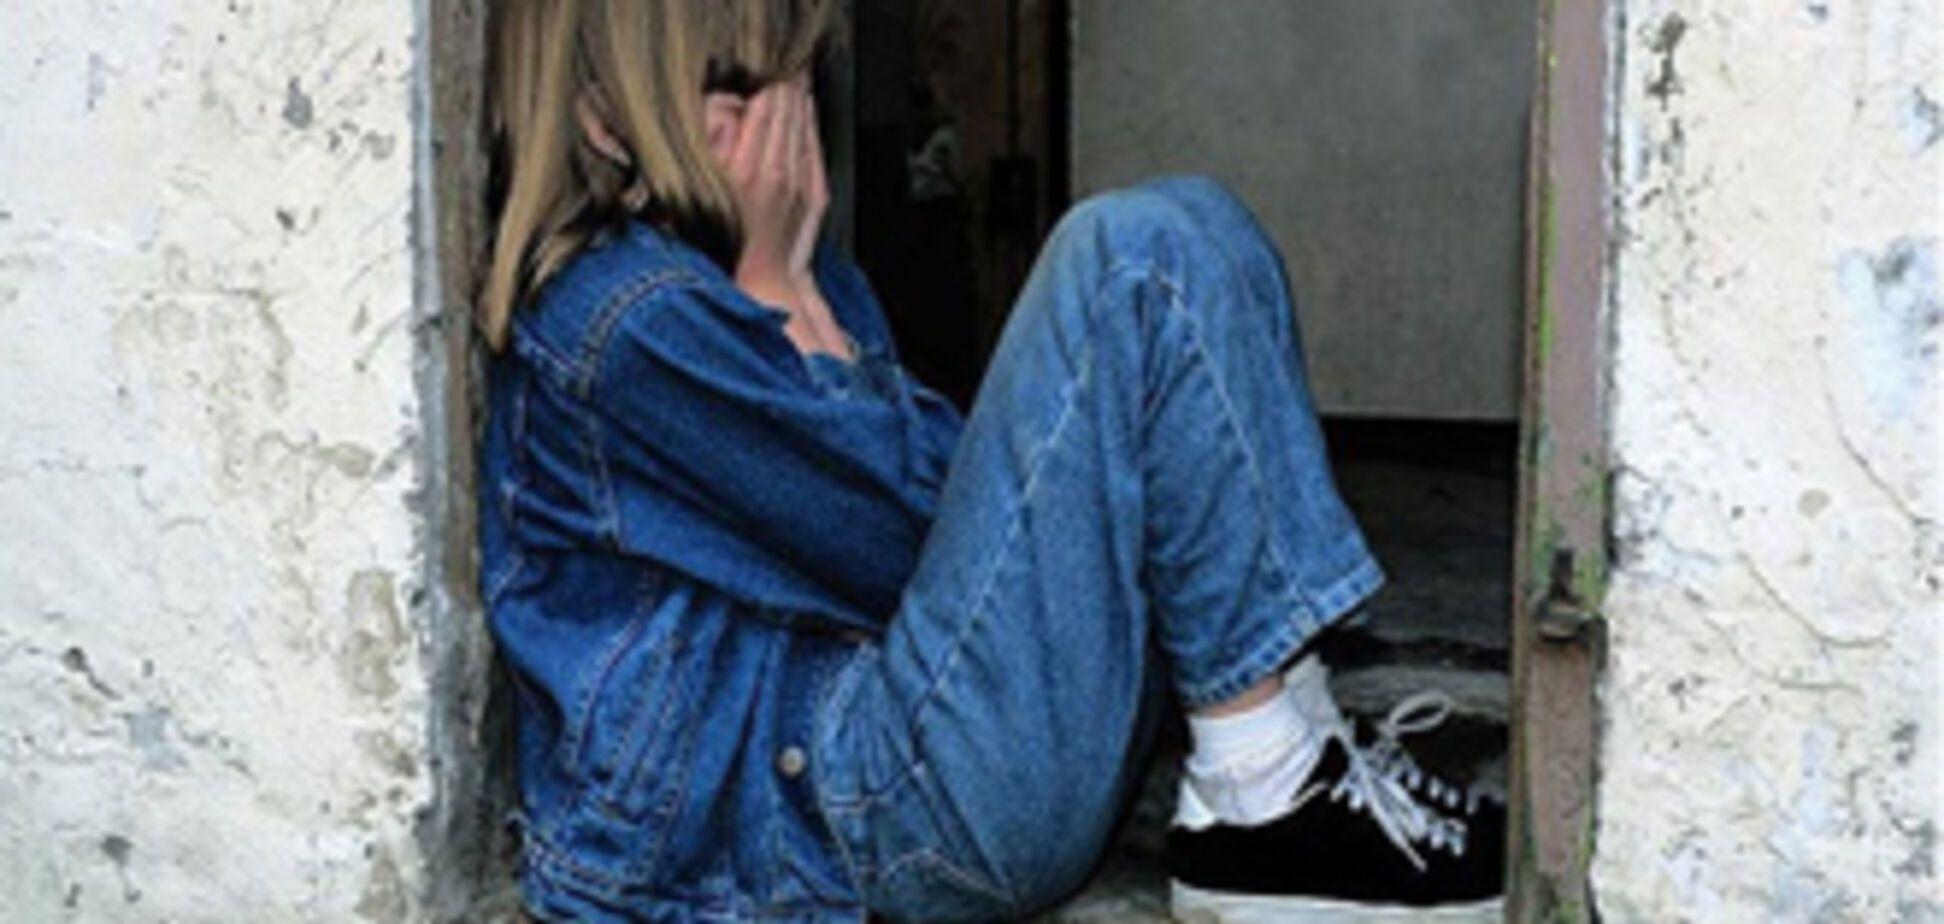 Підліток регулярно гвалтував 10-річну сестру